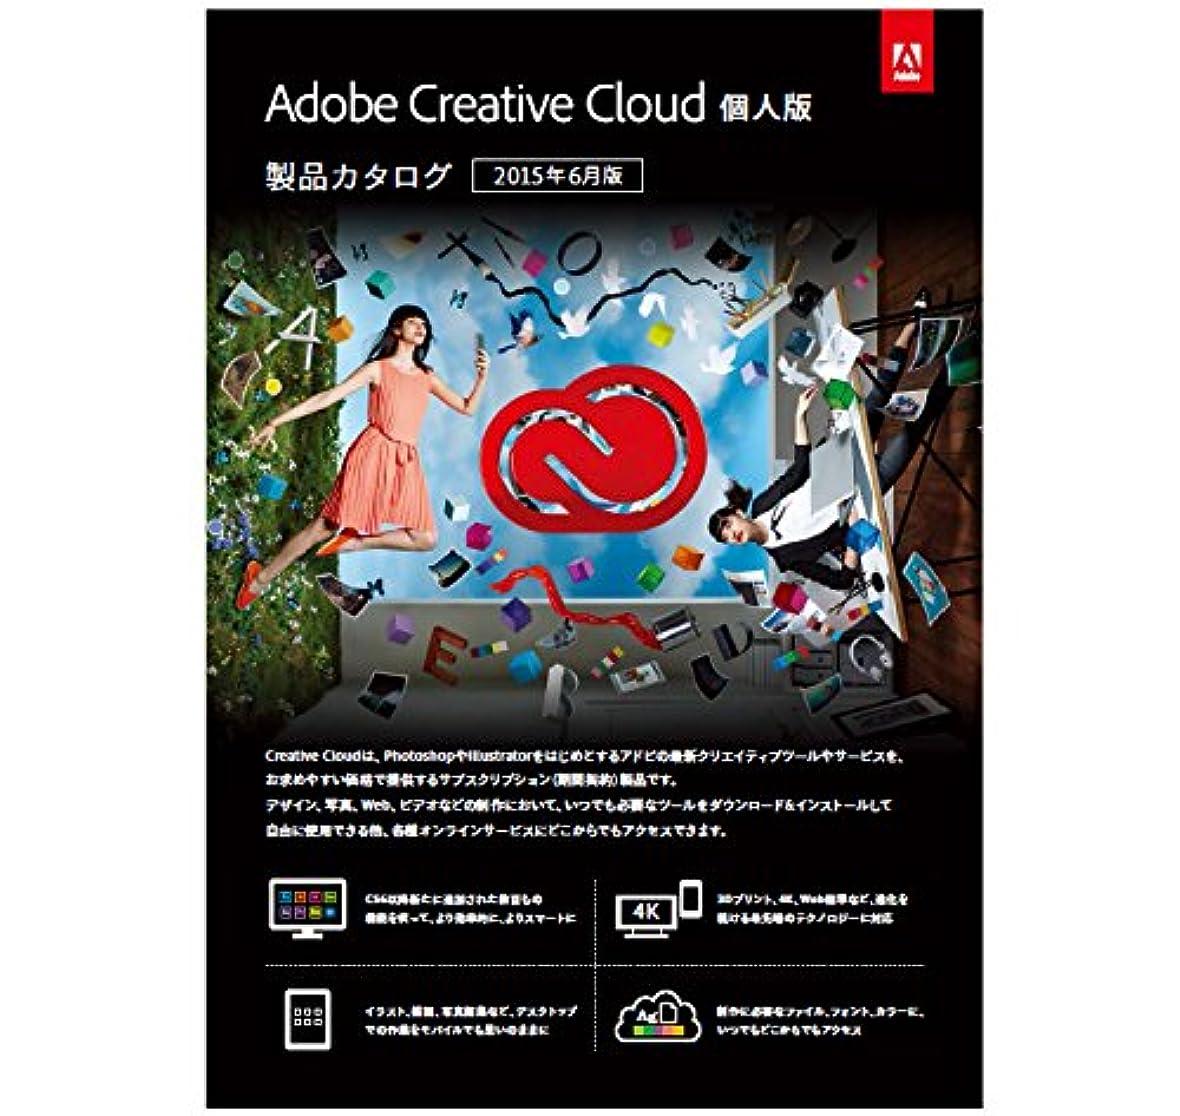 咳見落とすアナログAdobe Creative Cloud カタログ 2015年|ダウンロード版